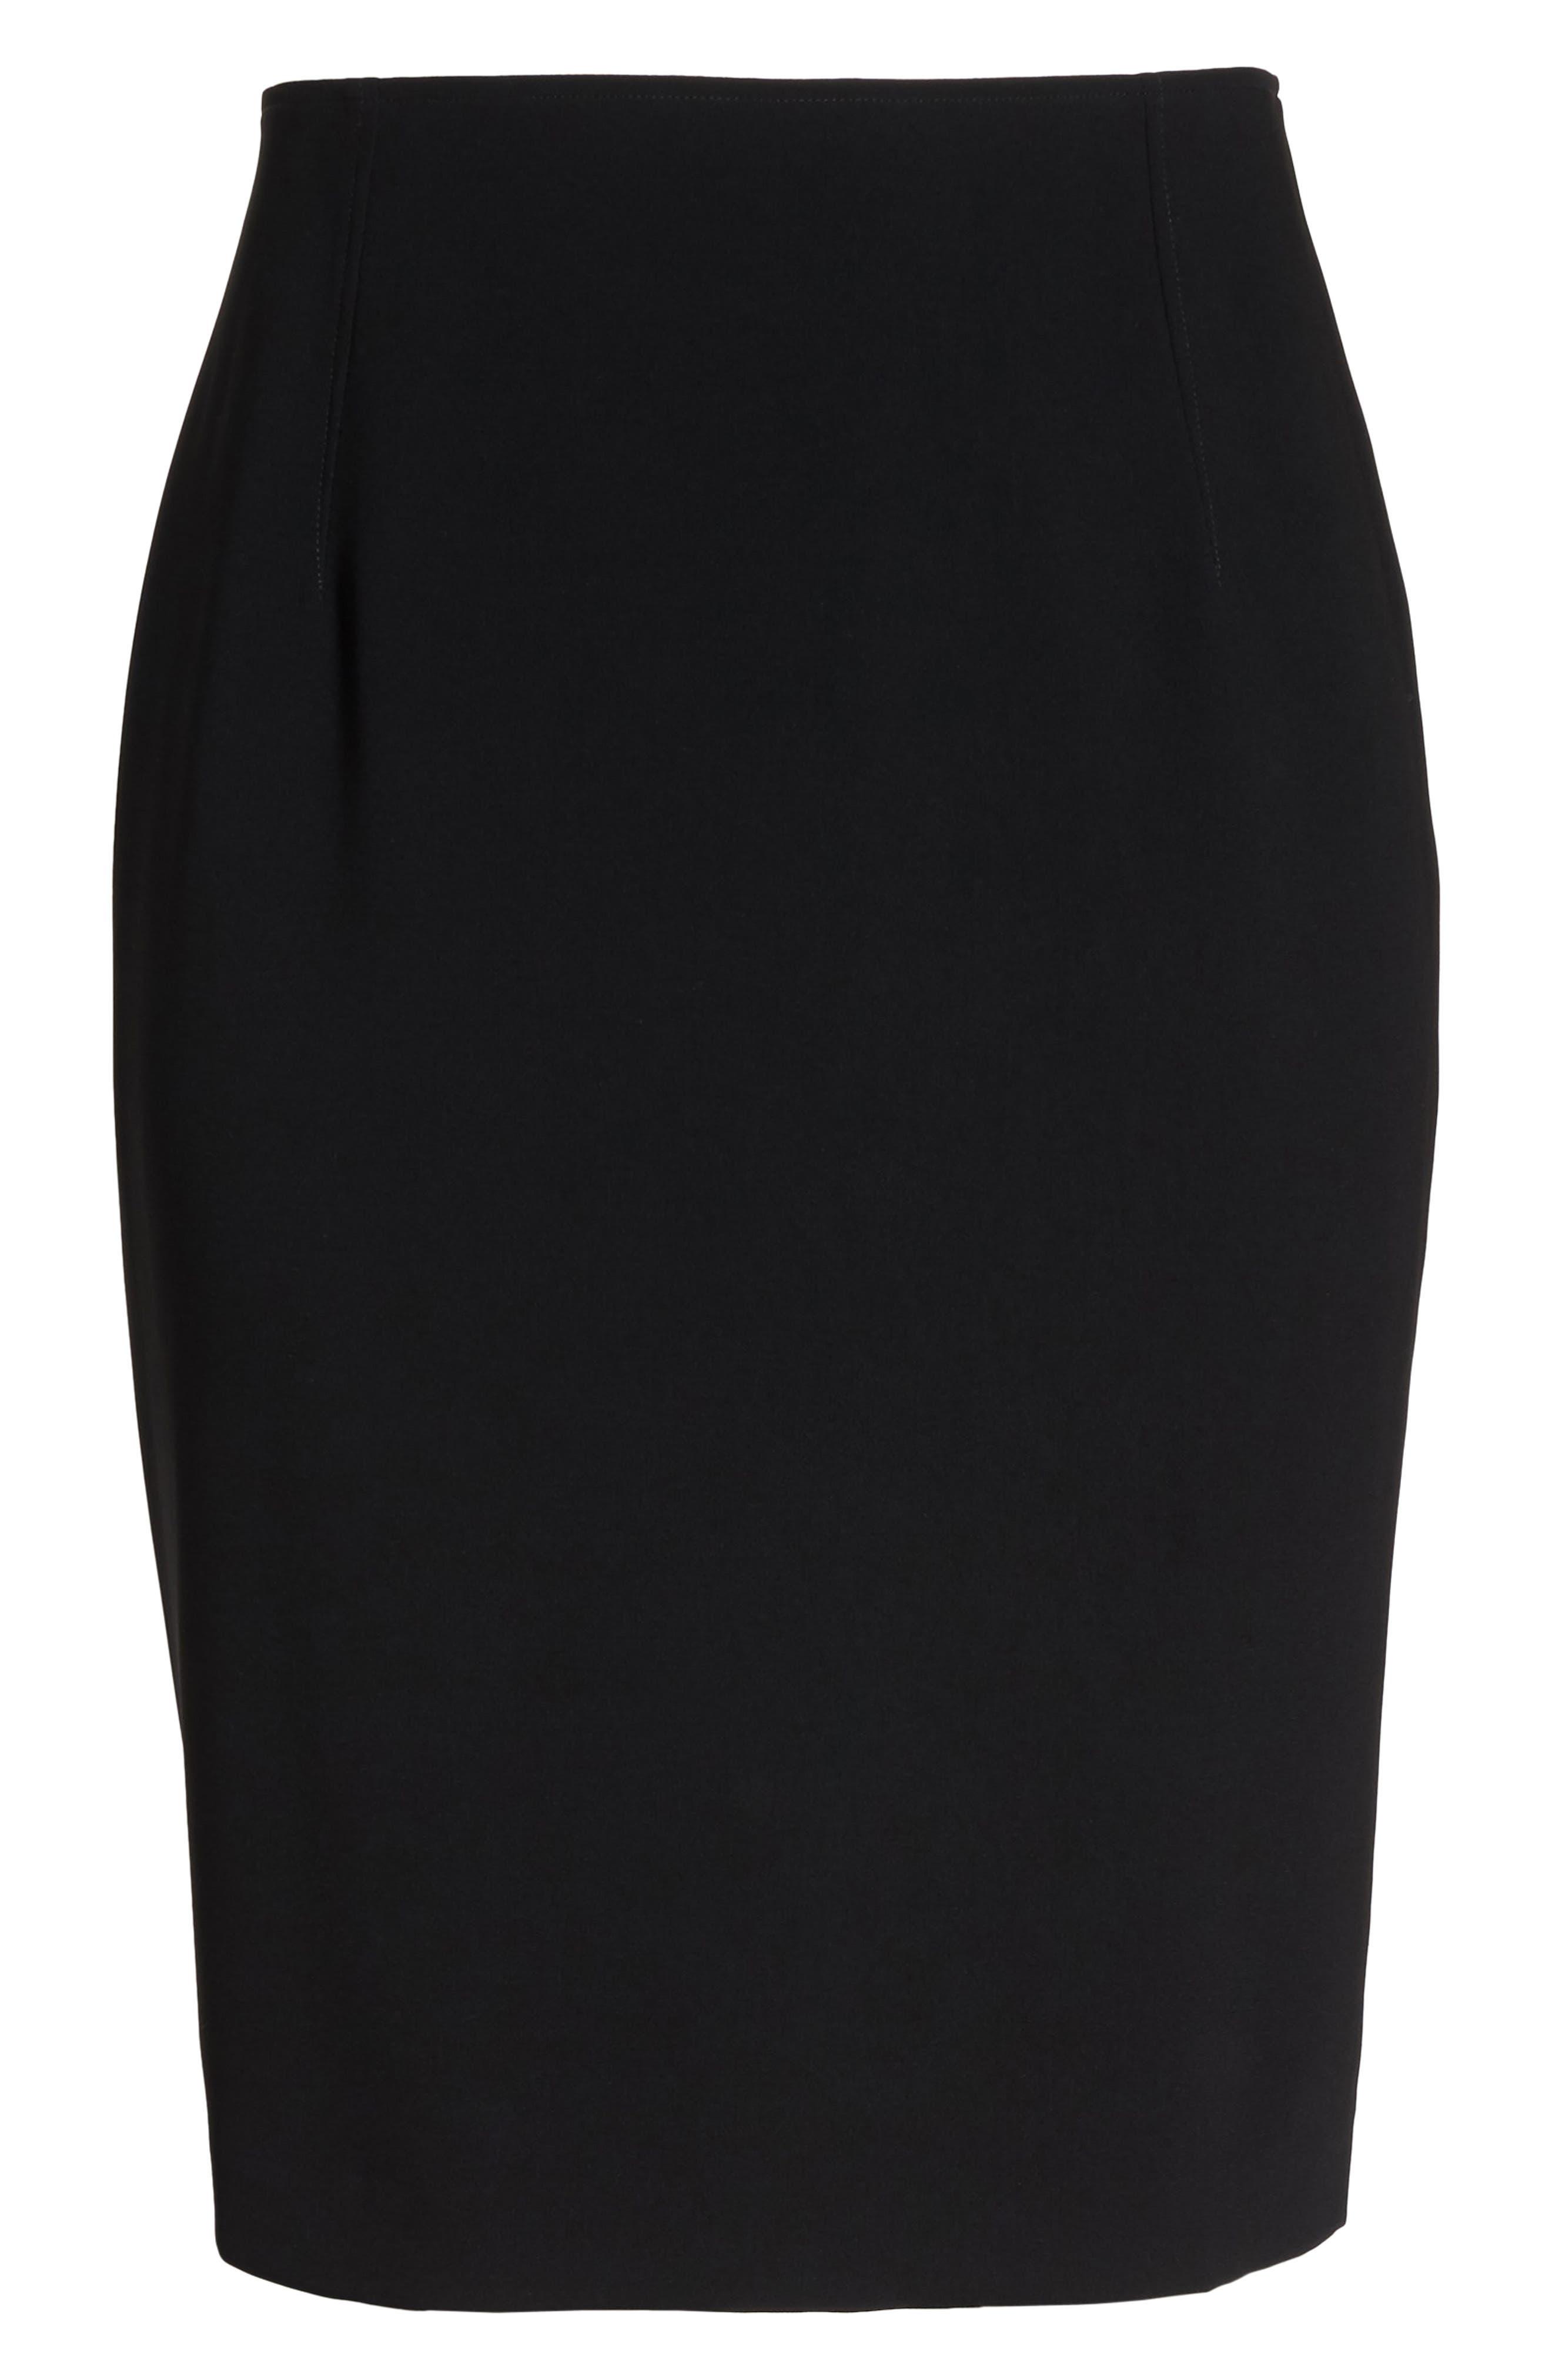 LOUBEN Suit Pencil Skirt, Main, color, BLACK